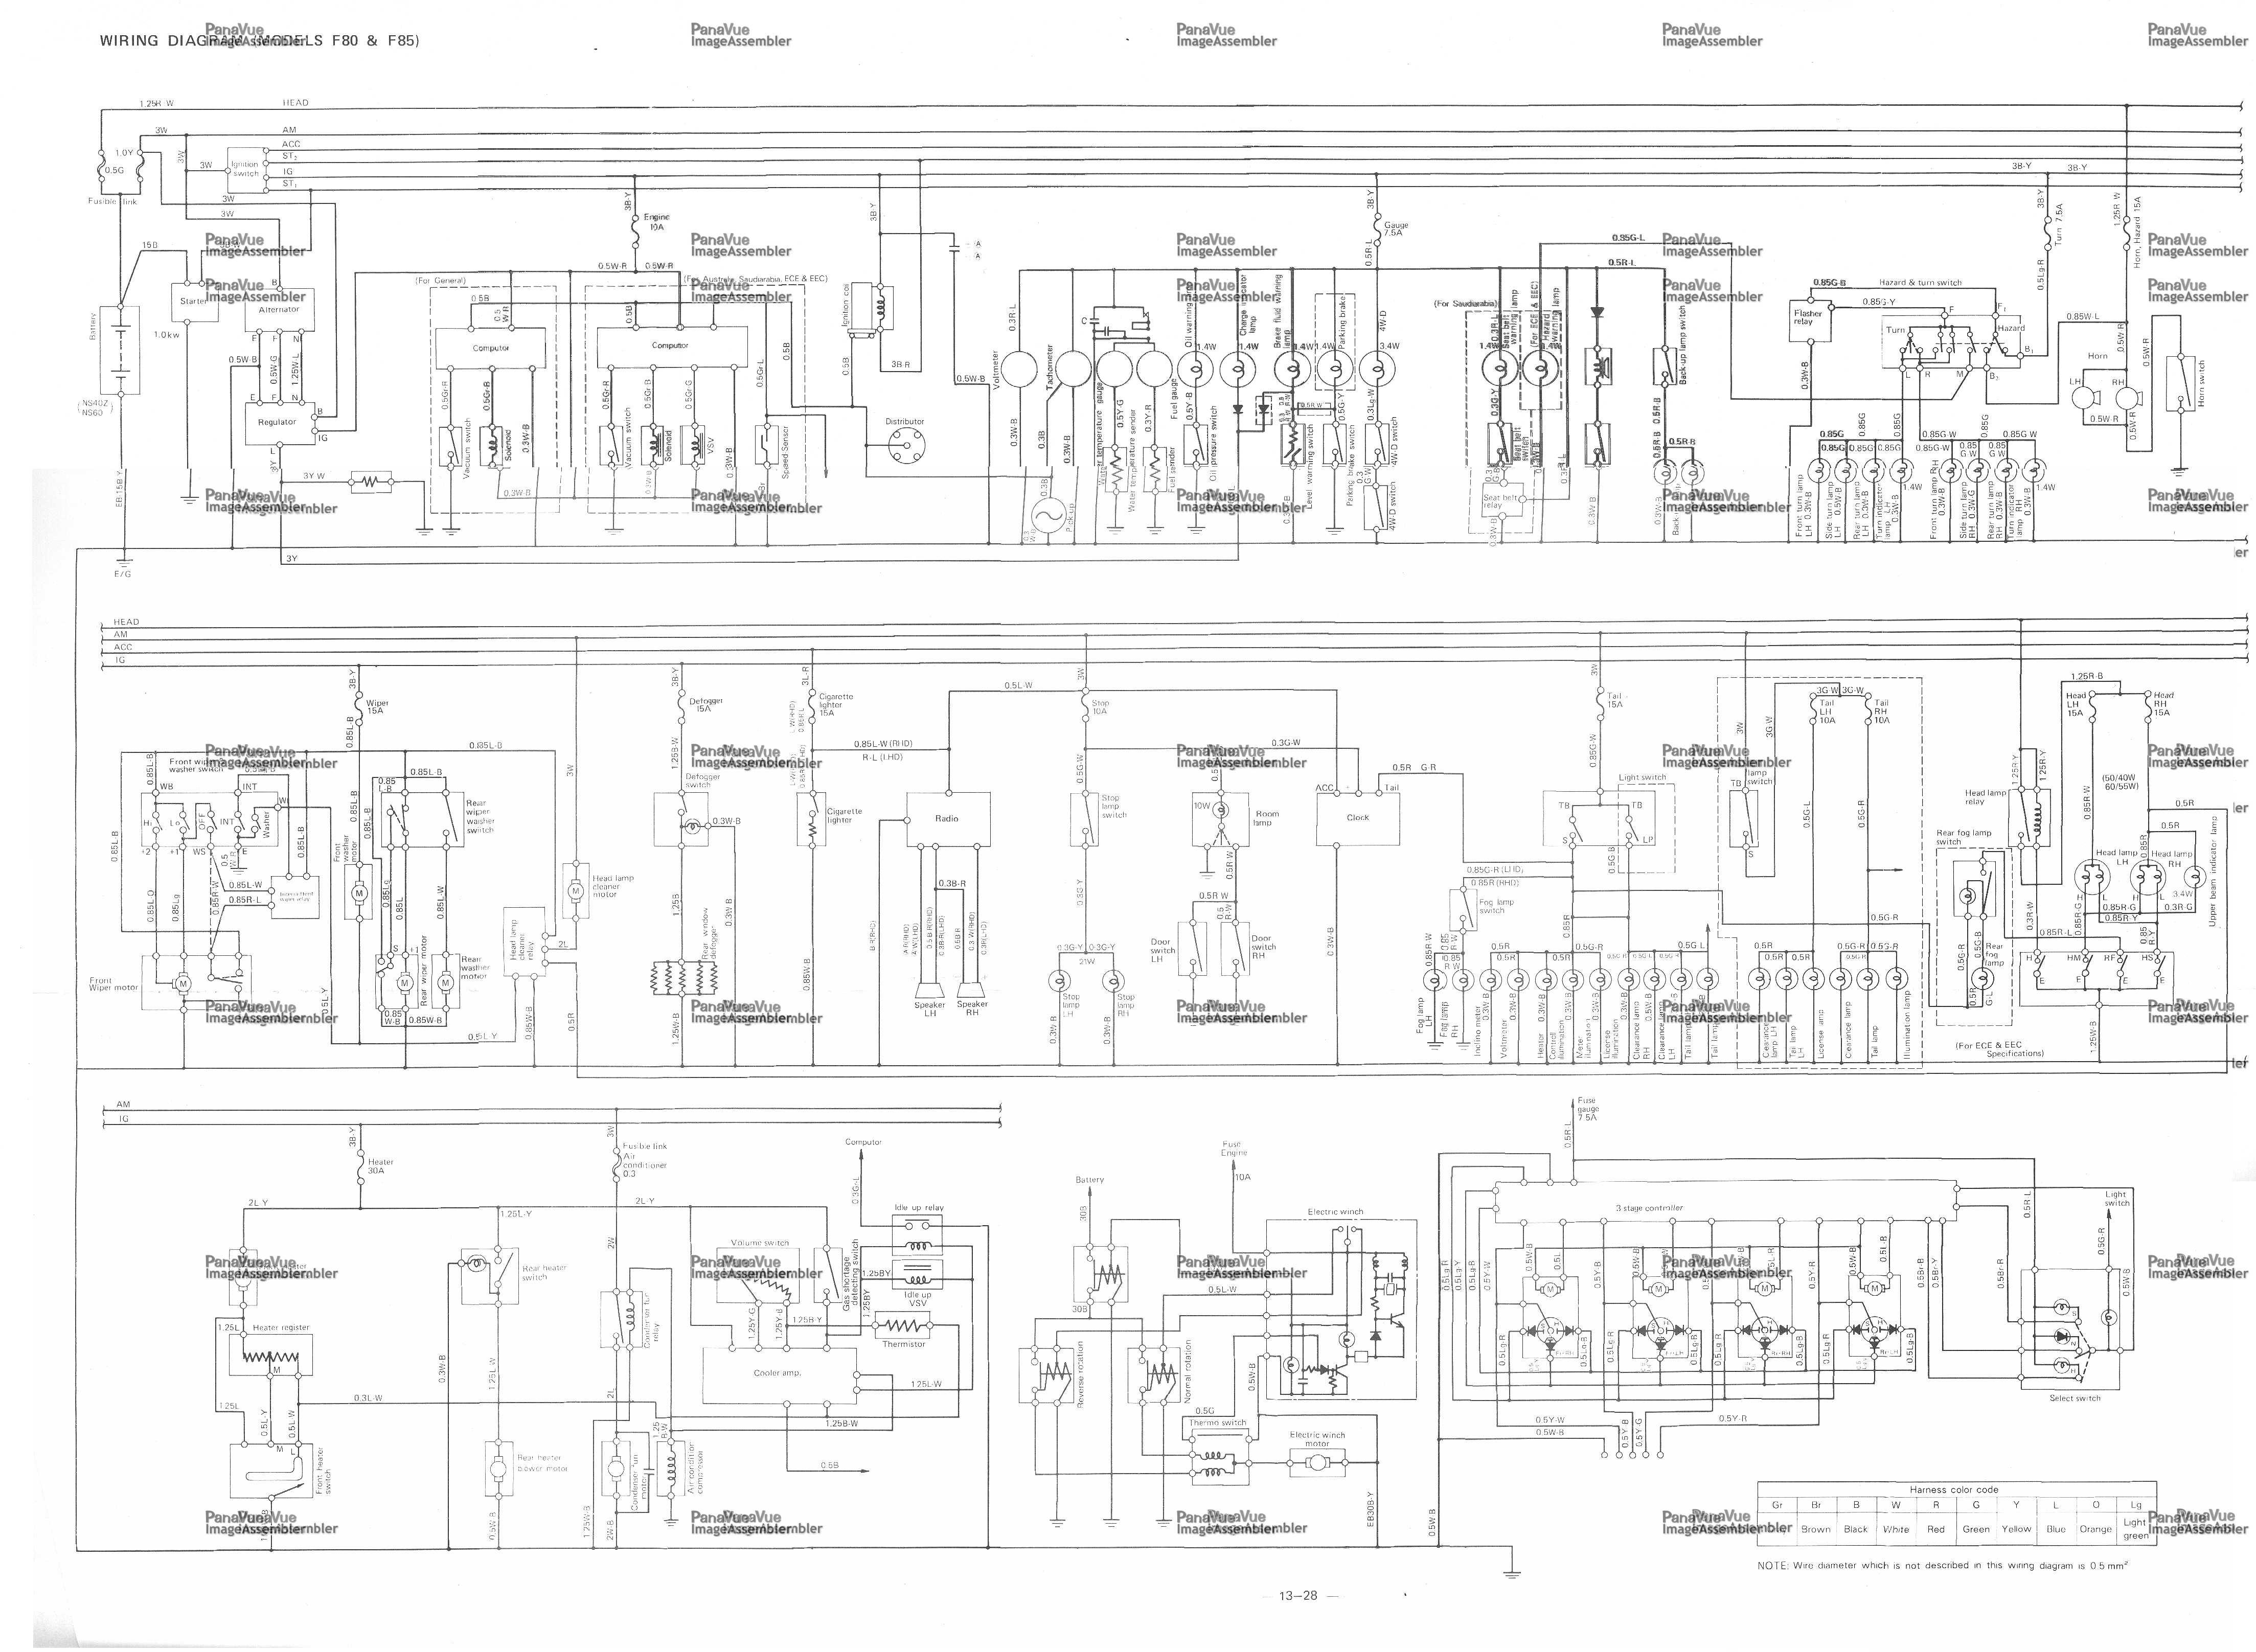 daihatsu car manuals wiring diagrams pdf fault codes rh automotive manuals net Wiring Diagram Symbols daihatsu feroza electrical diagram